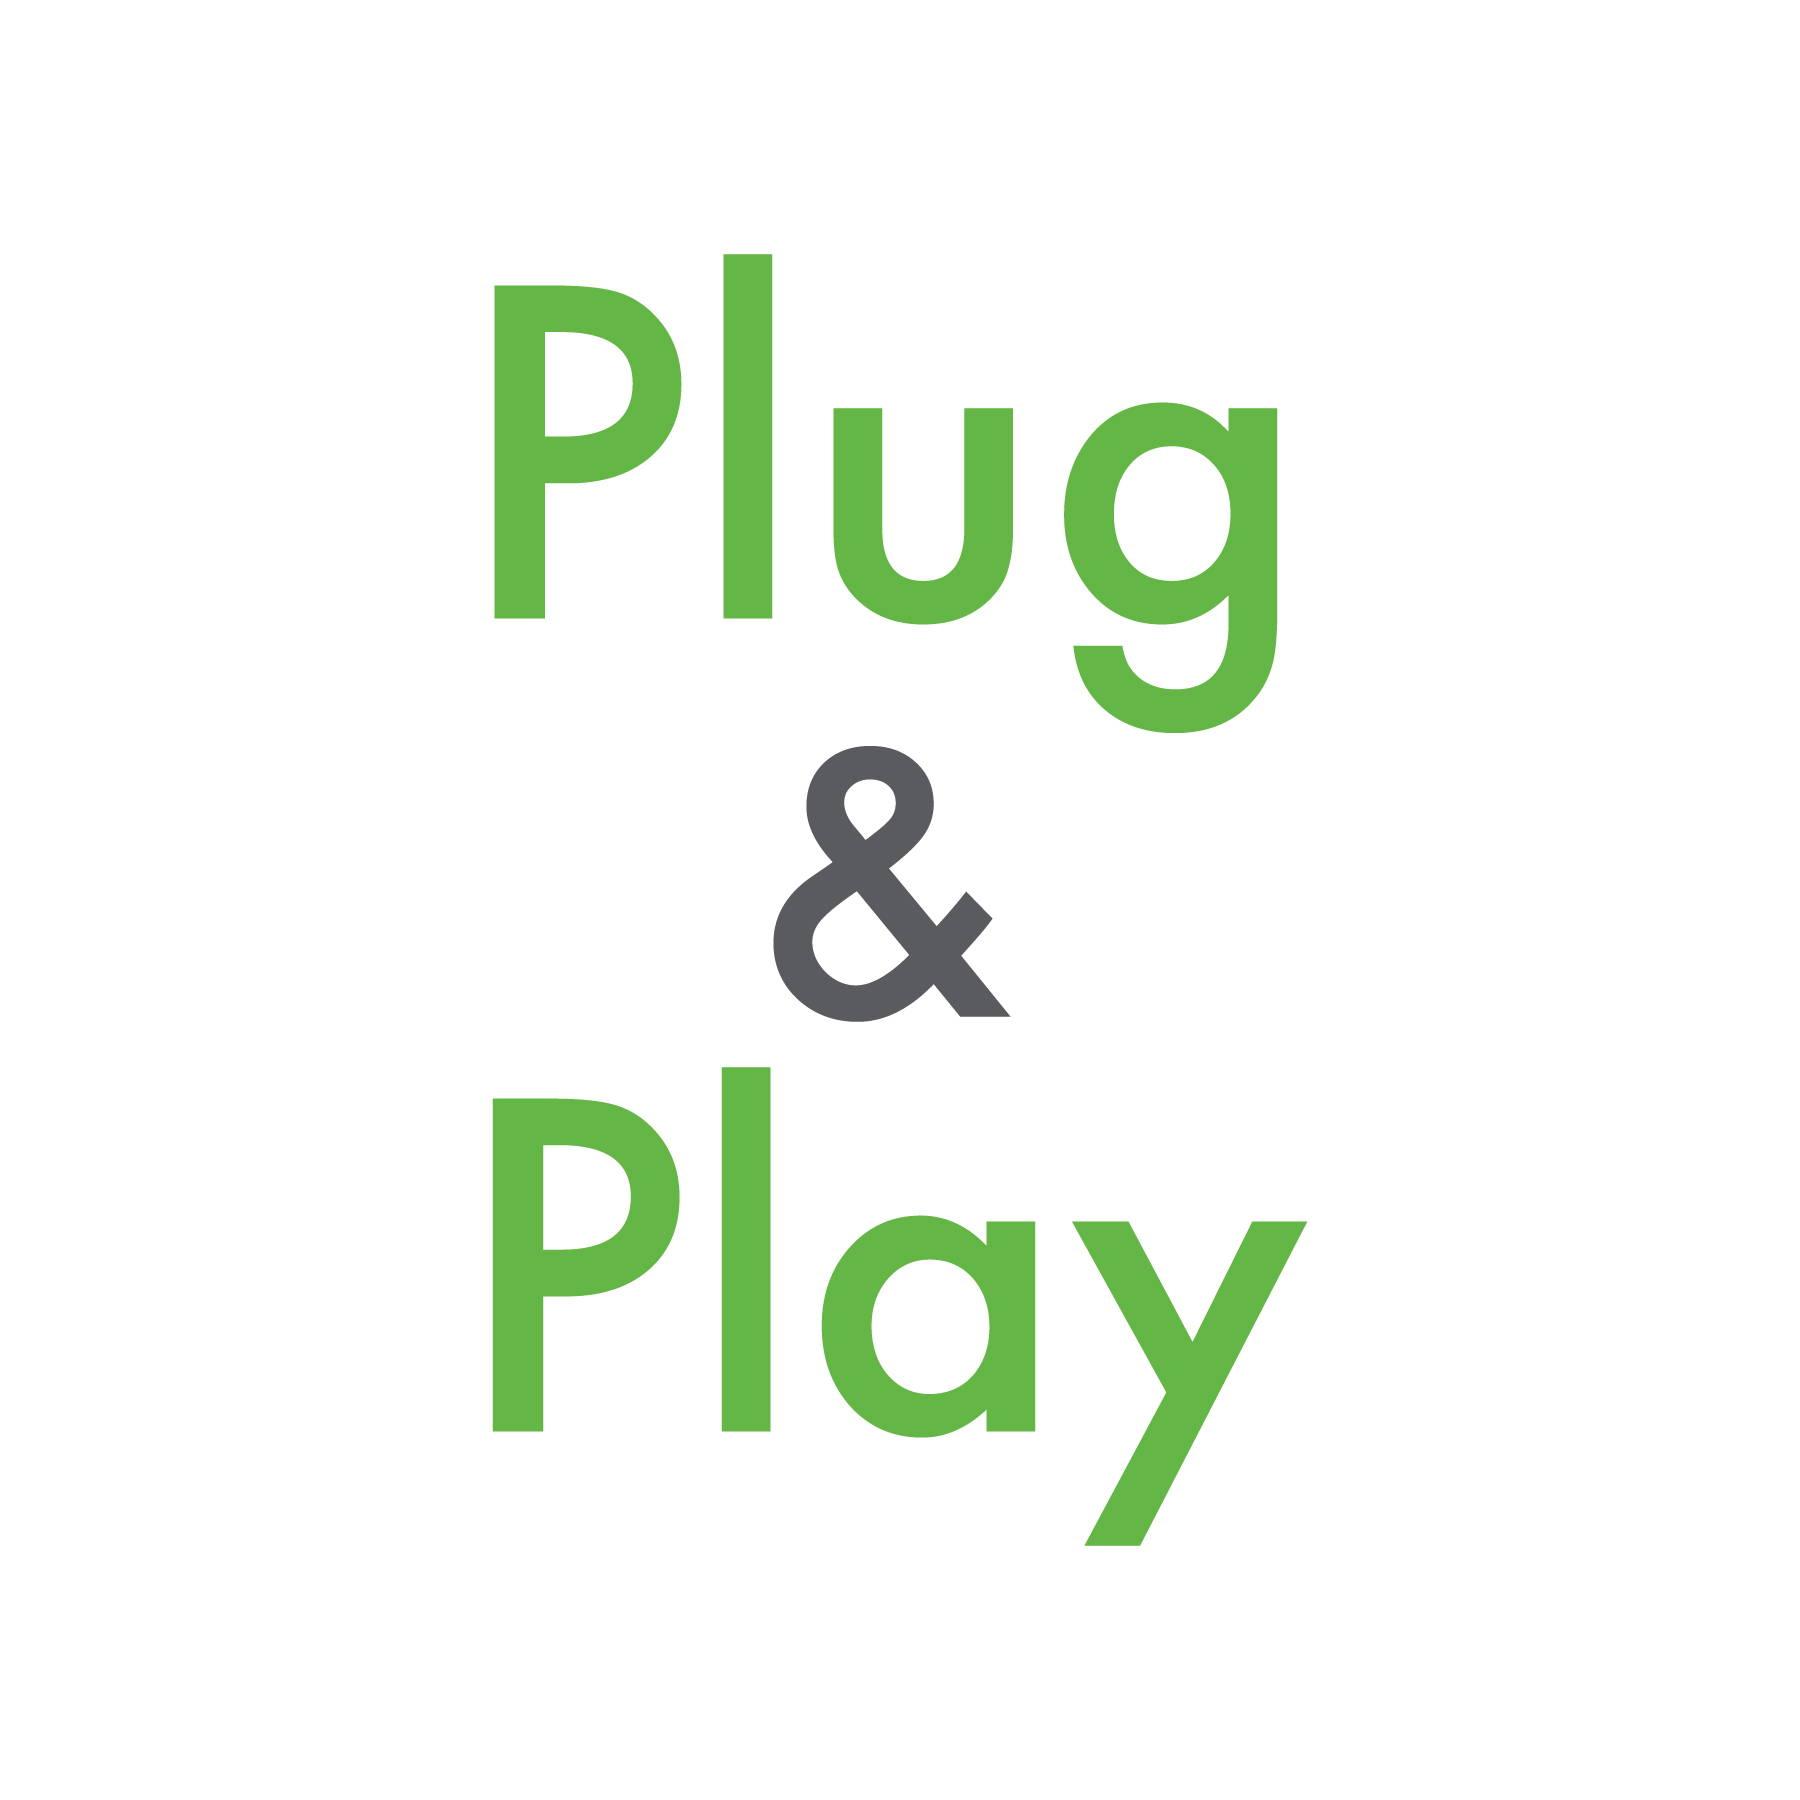 Plug and Play word image